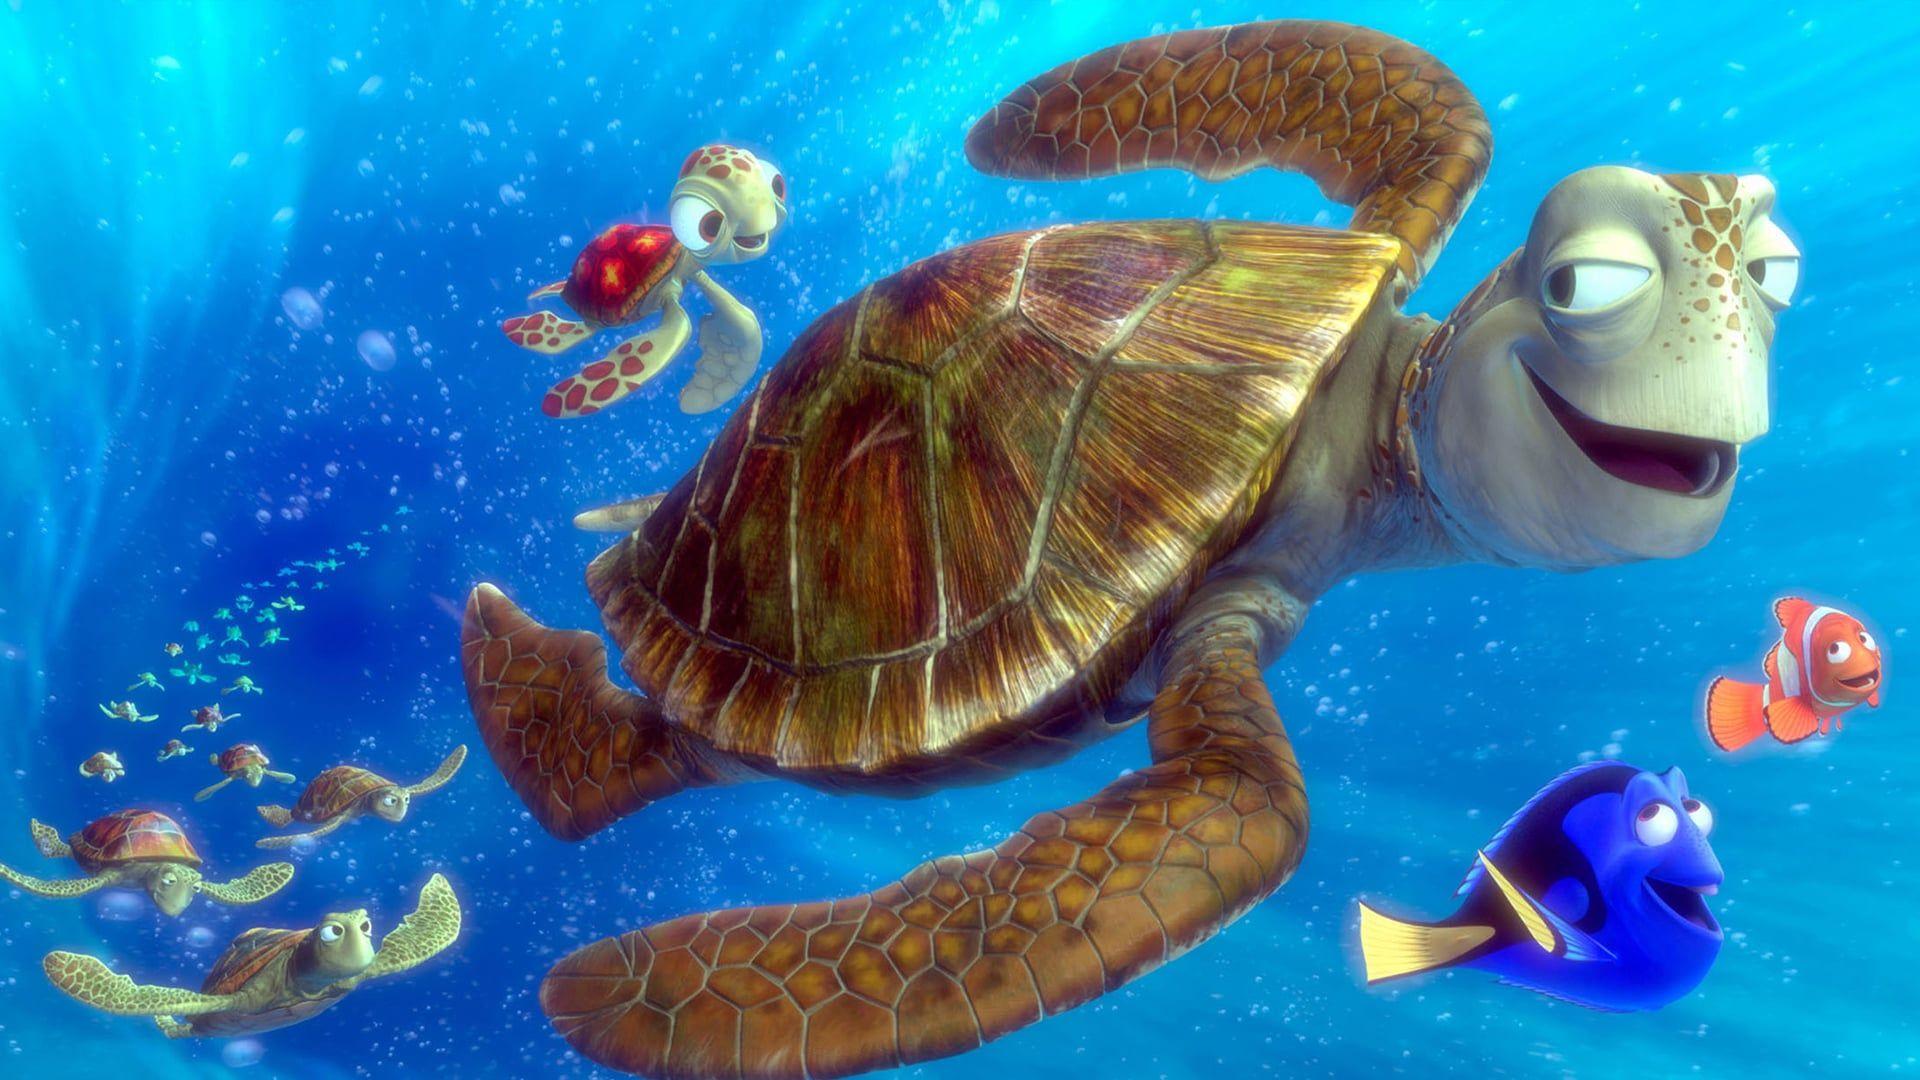 Alla Ricerca Di Nemo 2003 Streaming Ita Cb01 Film Completo